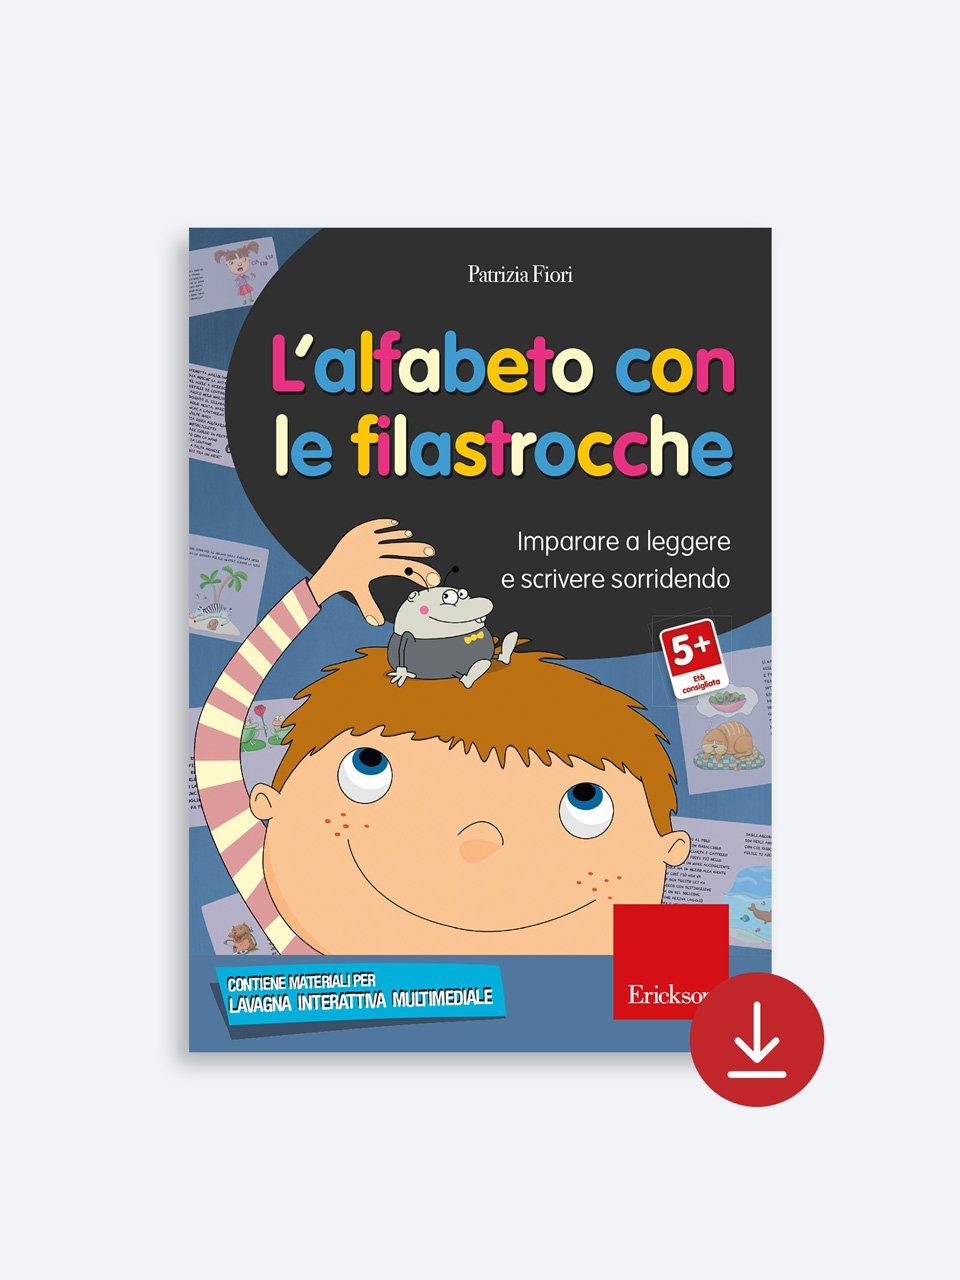 L'alfabeto con le filastrocche - Libri - App e software - Erickson 5